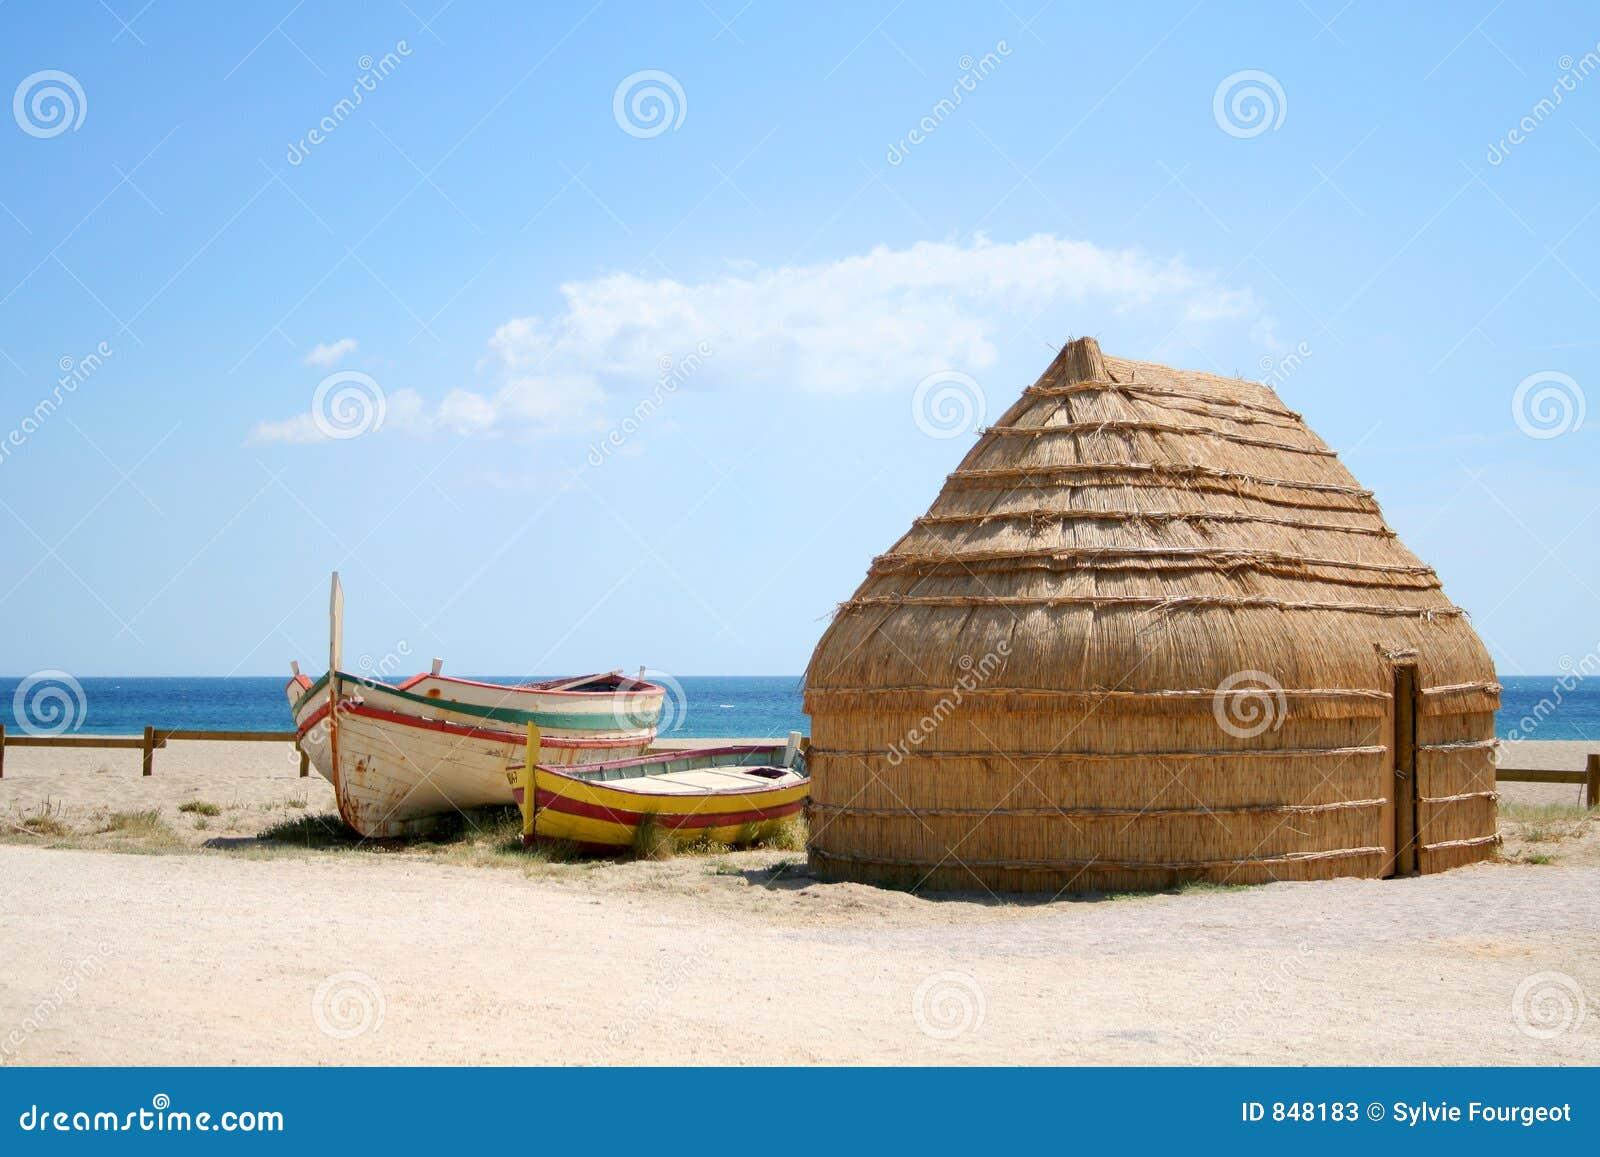 Bateaux et hutte de pêcheur.